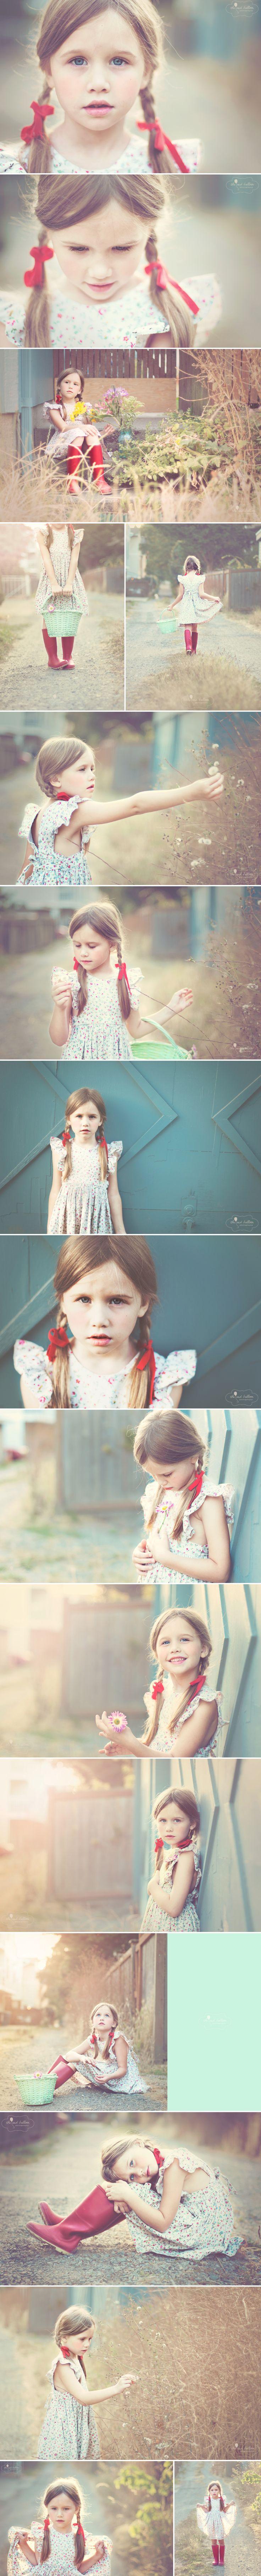 Themed portrait cuteness